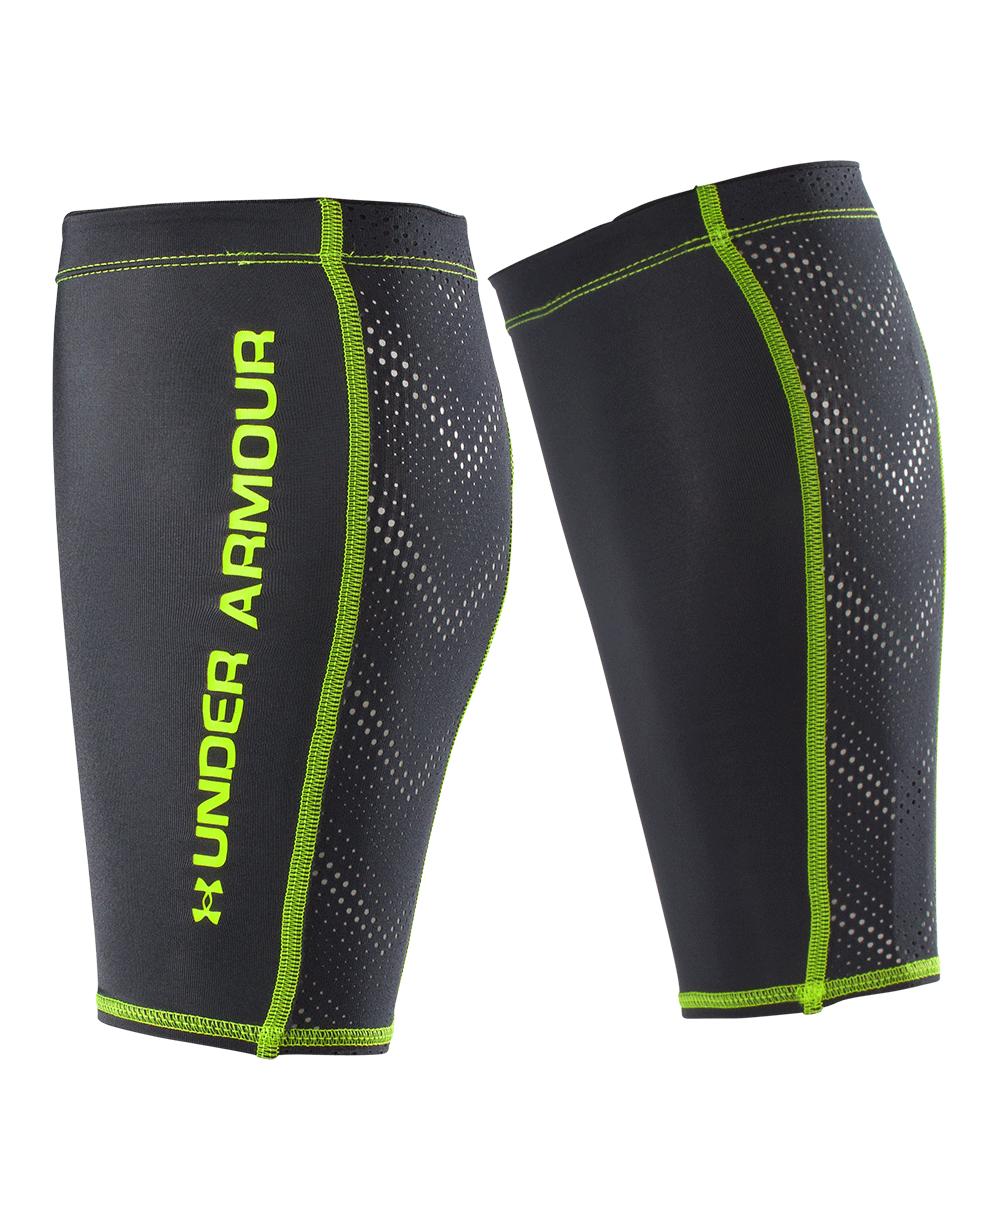 棒球世界全新 UNDER ARMOUR HG慢跑小腿護套 黑螢光